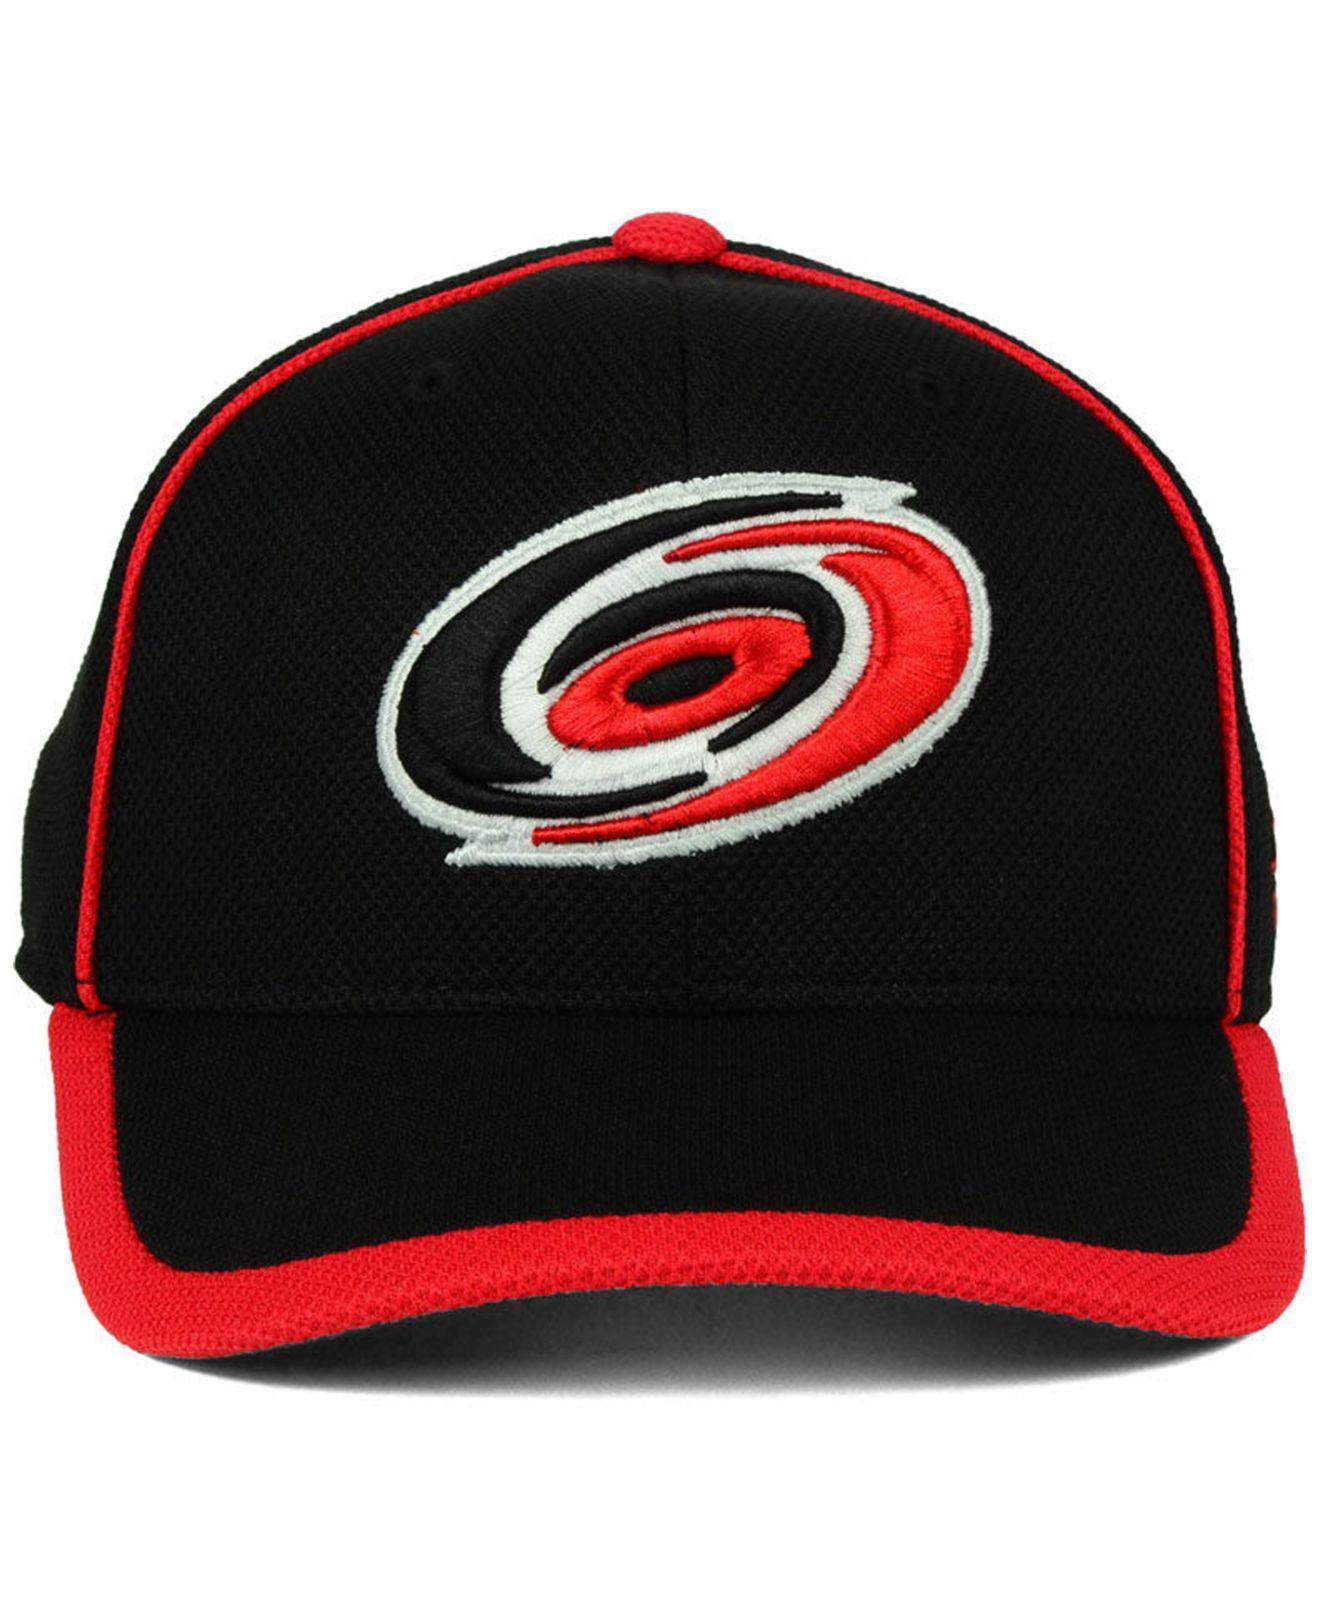 Lyst - Adidas Carolina Hurricanes Clipper Adjustable Cap in Black for Men 5b4d9ec16972